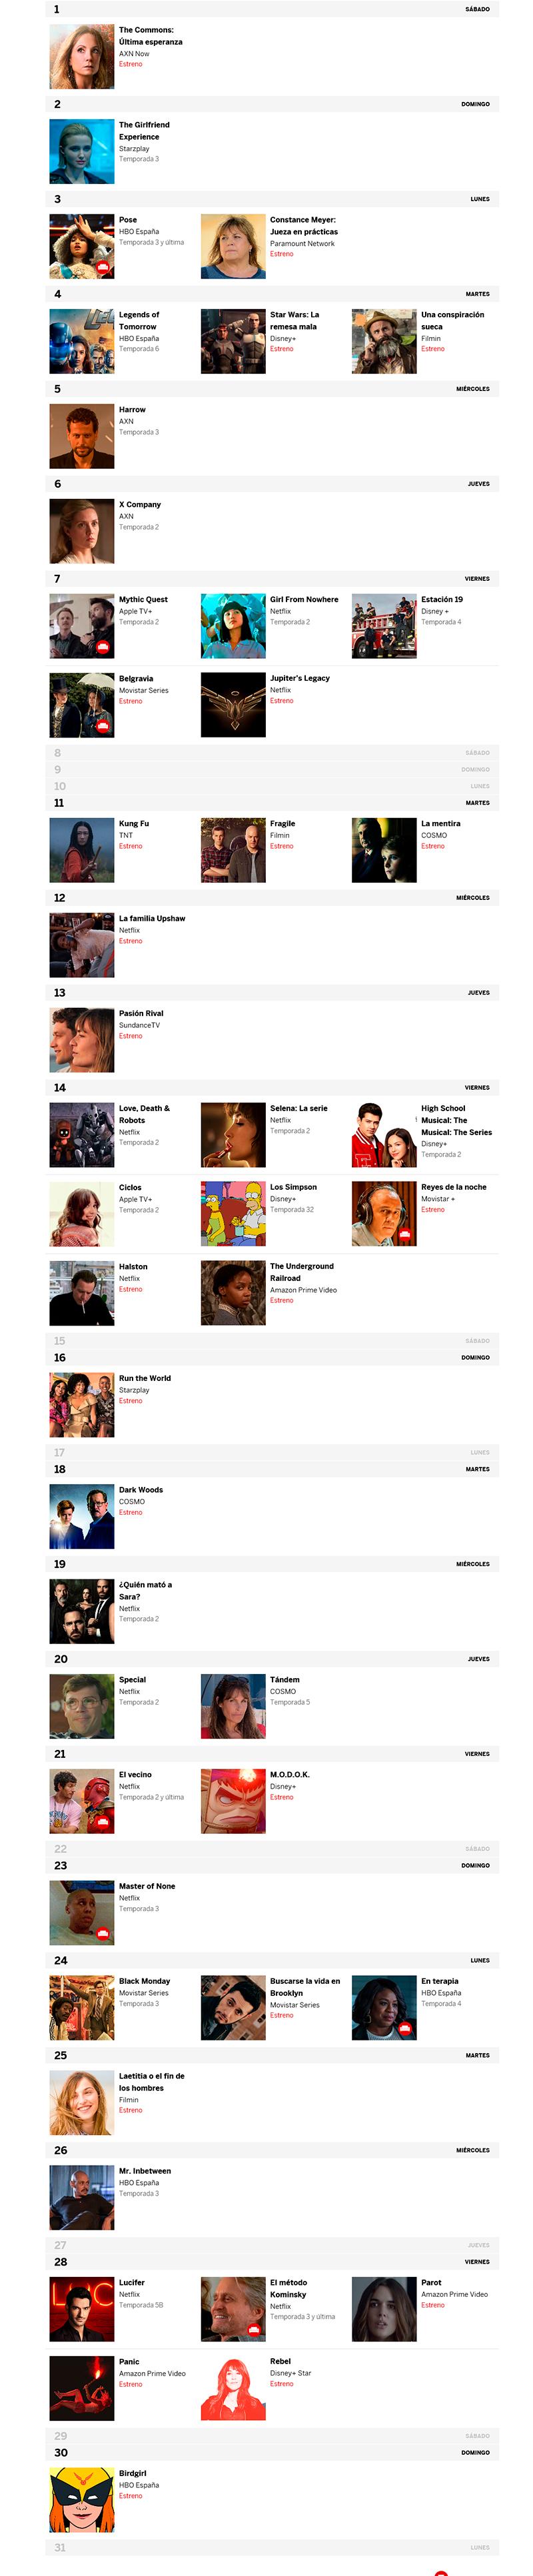 Las mejores series TV - Mayo 2021